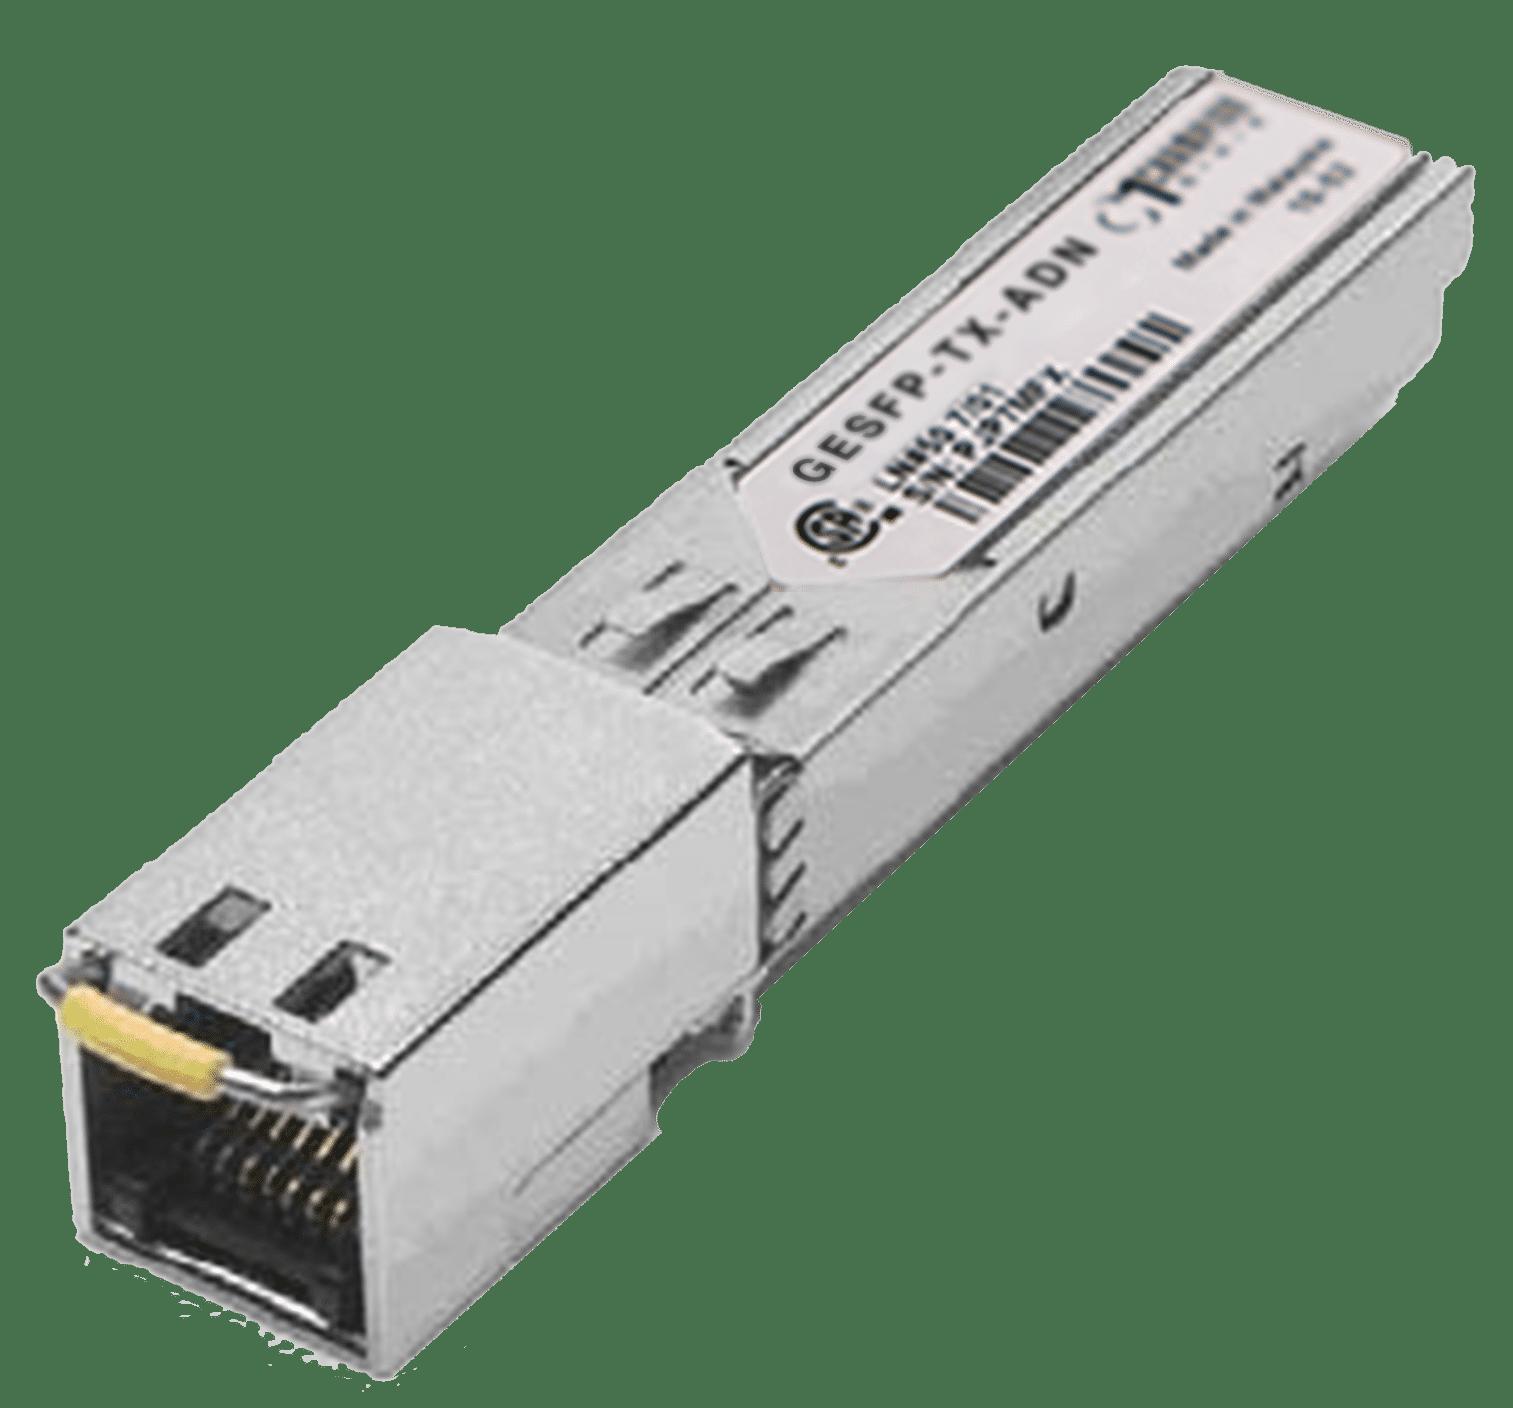 SFP 1000Base-T 100m Transceiver, Adtran compatible 1184561P4